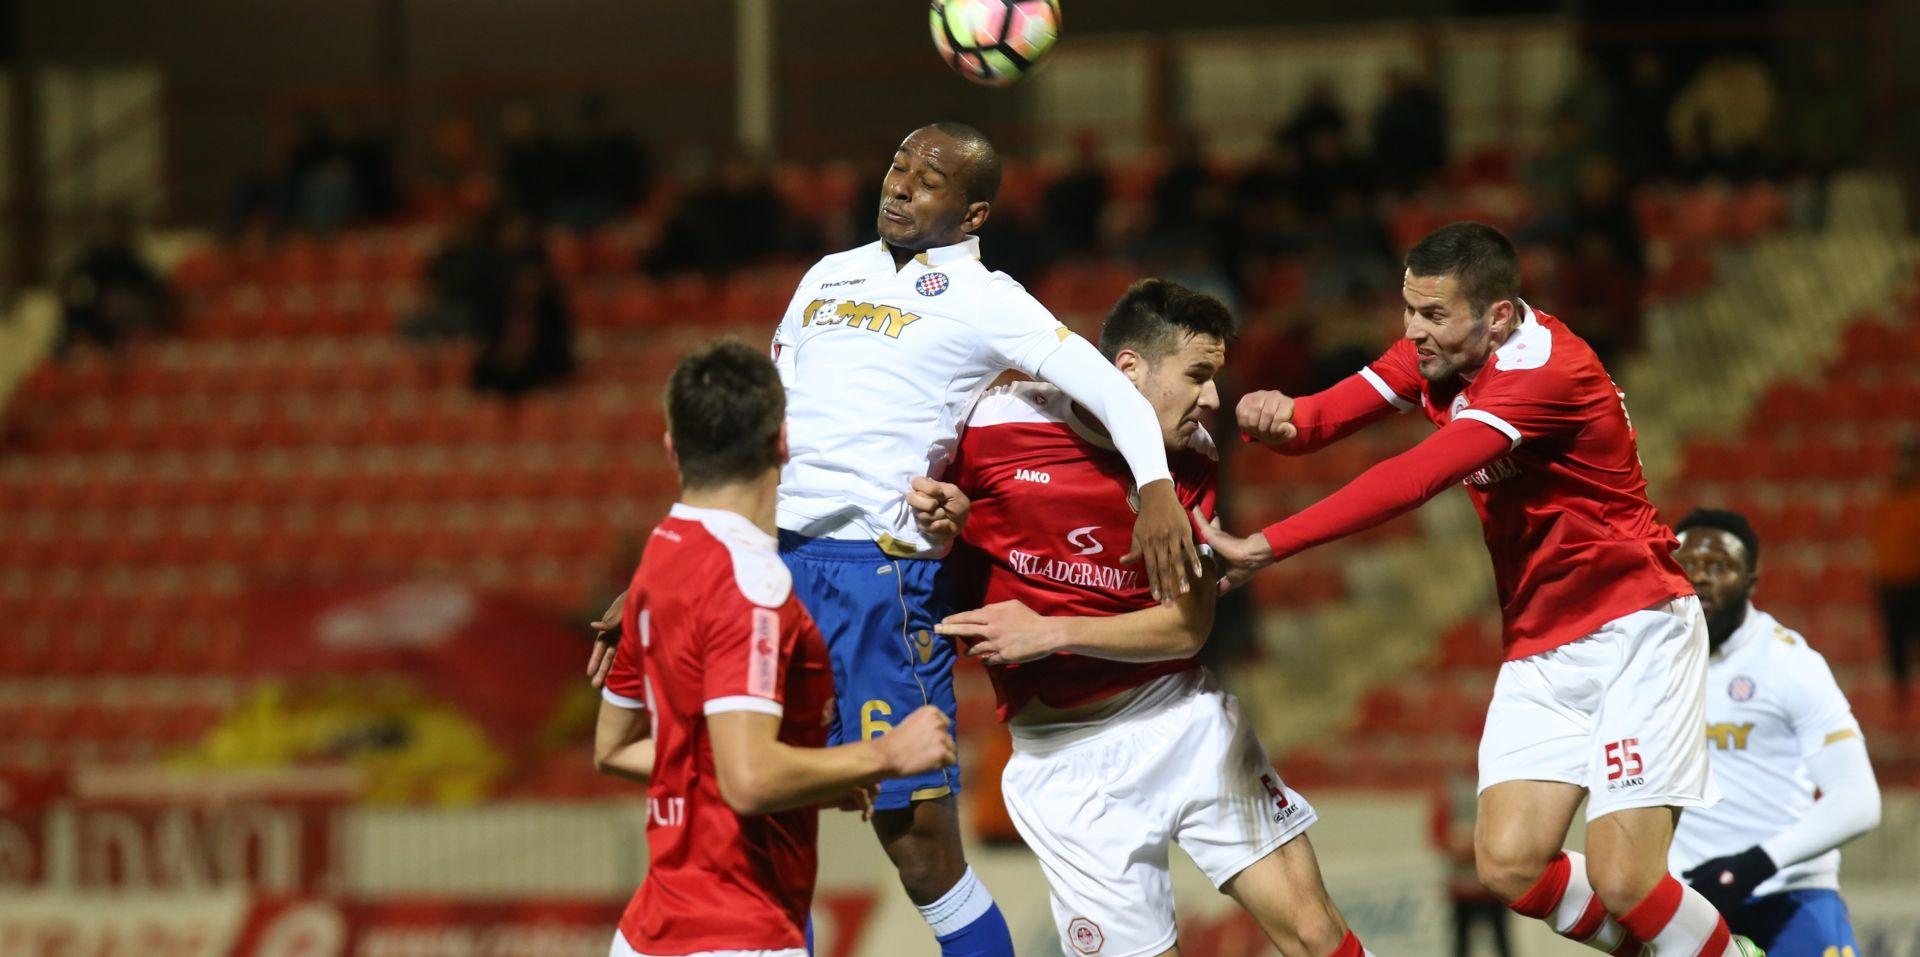 SPLIT POSLJEDNJI POLUFINALIST Veliki preokret na Parku mladeži, Hajduk ispao iz Kupa